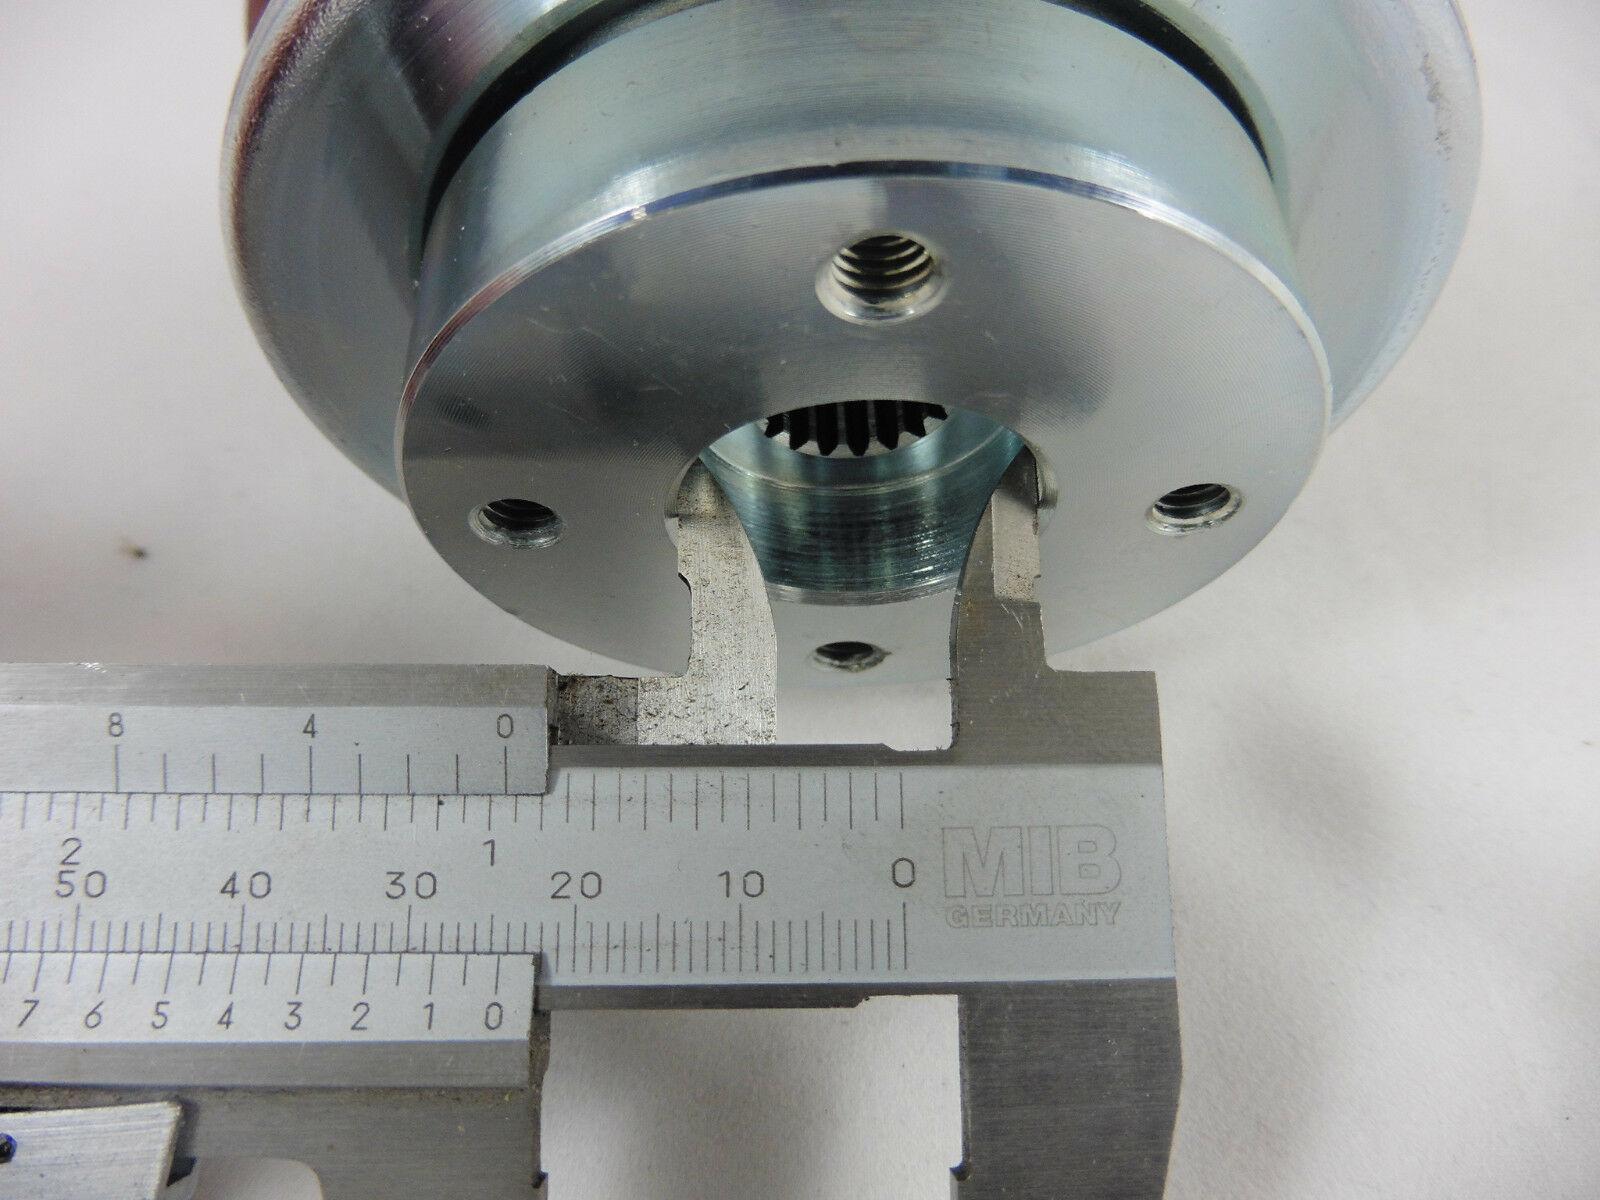 Original Stiga Rasenm/äher Getriebe Riemenscheibe Teilenummer 122601909//0 f/ür die aufgef/ührten Modelle